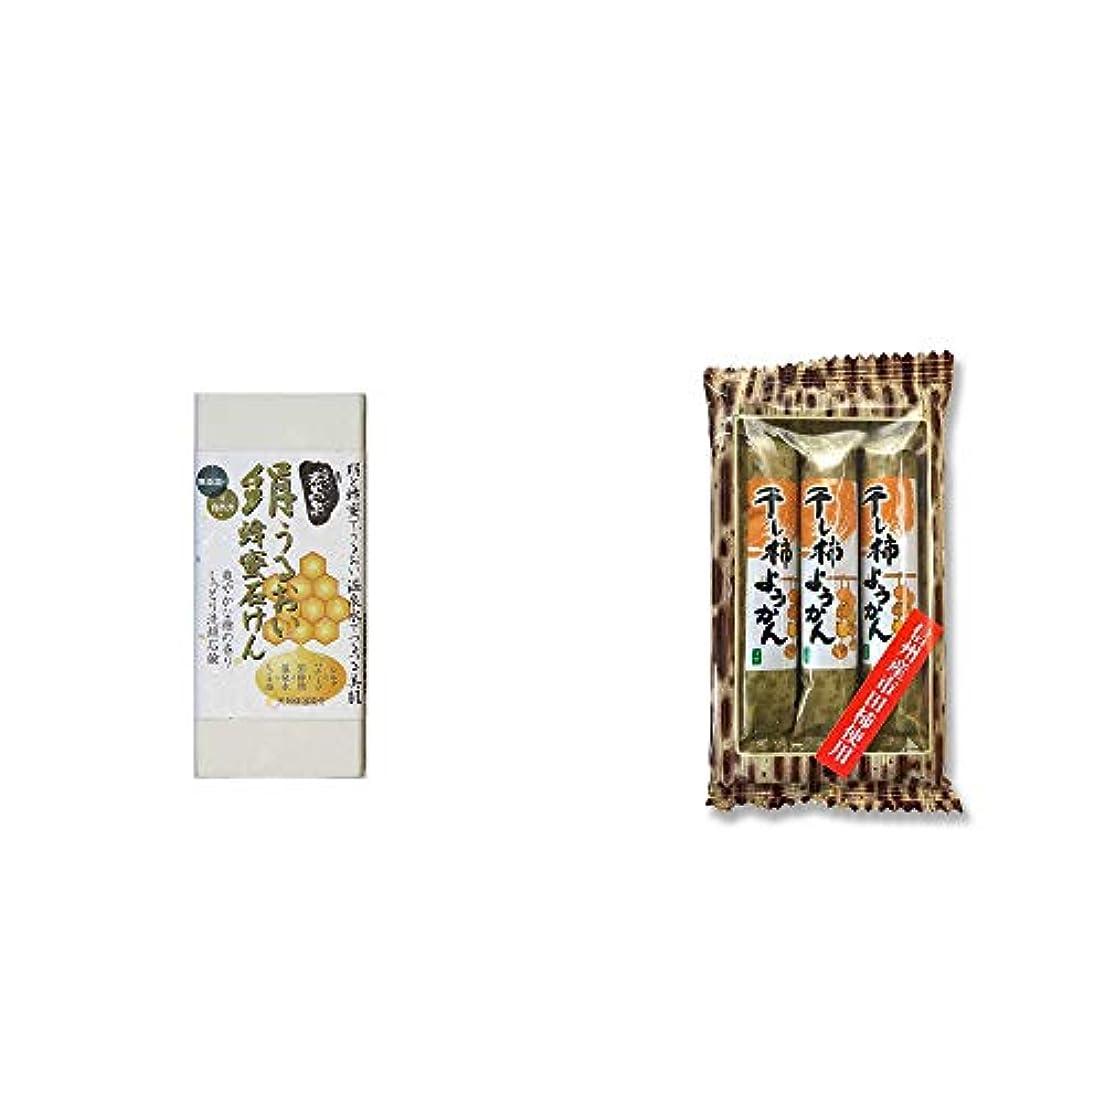 精緻化等々実証する[2点セット] ひのき炭黒泉 絹うるおい蜂蜜石けん(75g×2)?信州産市田柿使用 スティックようかん[柿](50g×3本)